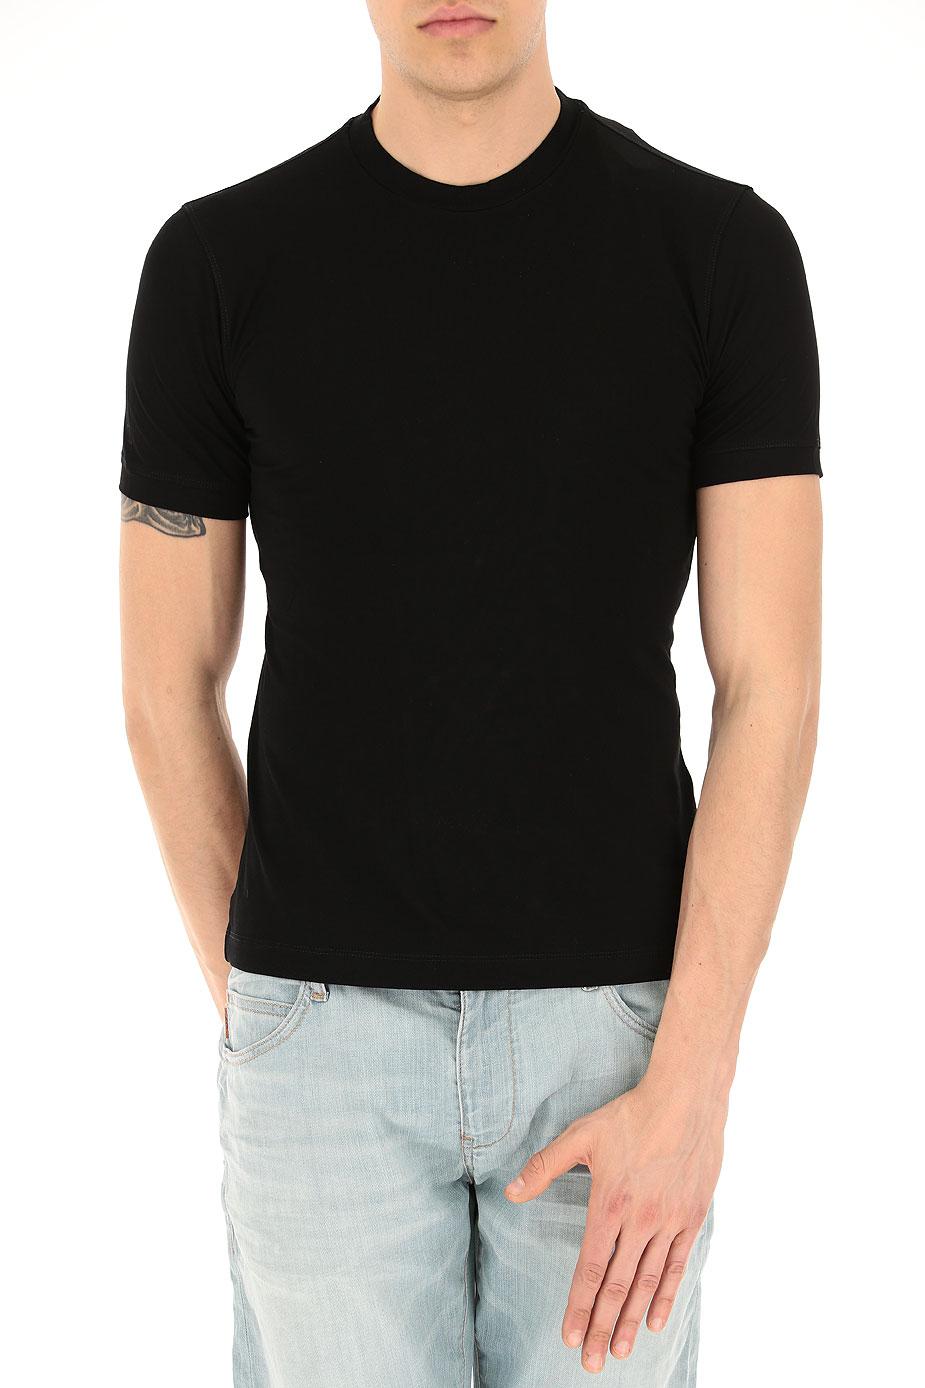 Abbigliamento Emporio Armani Uomo 1jcdz Articolo Uomo 0999 Abbigliamento Codice 8n1m8a dtIOxqw